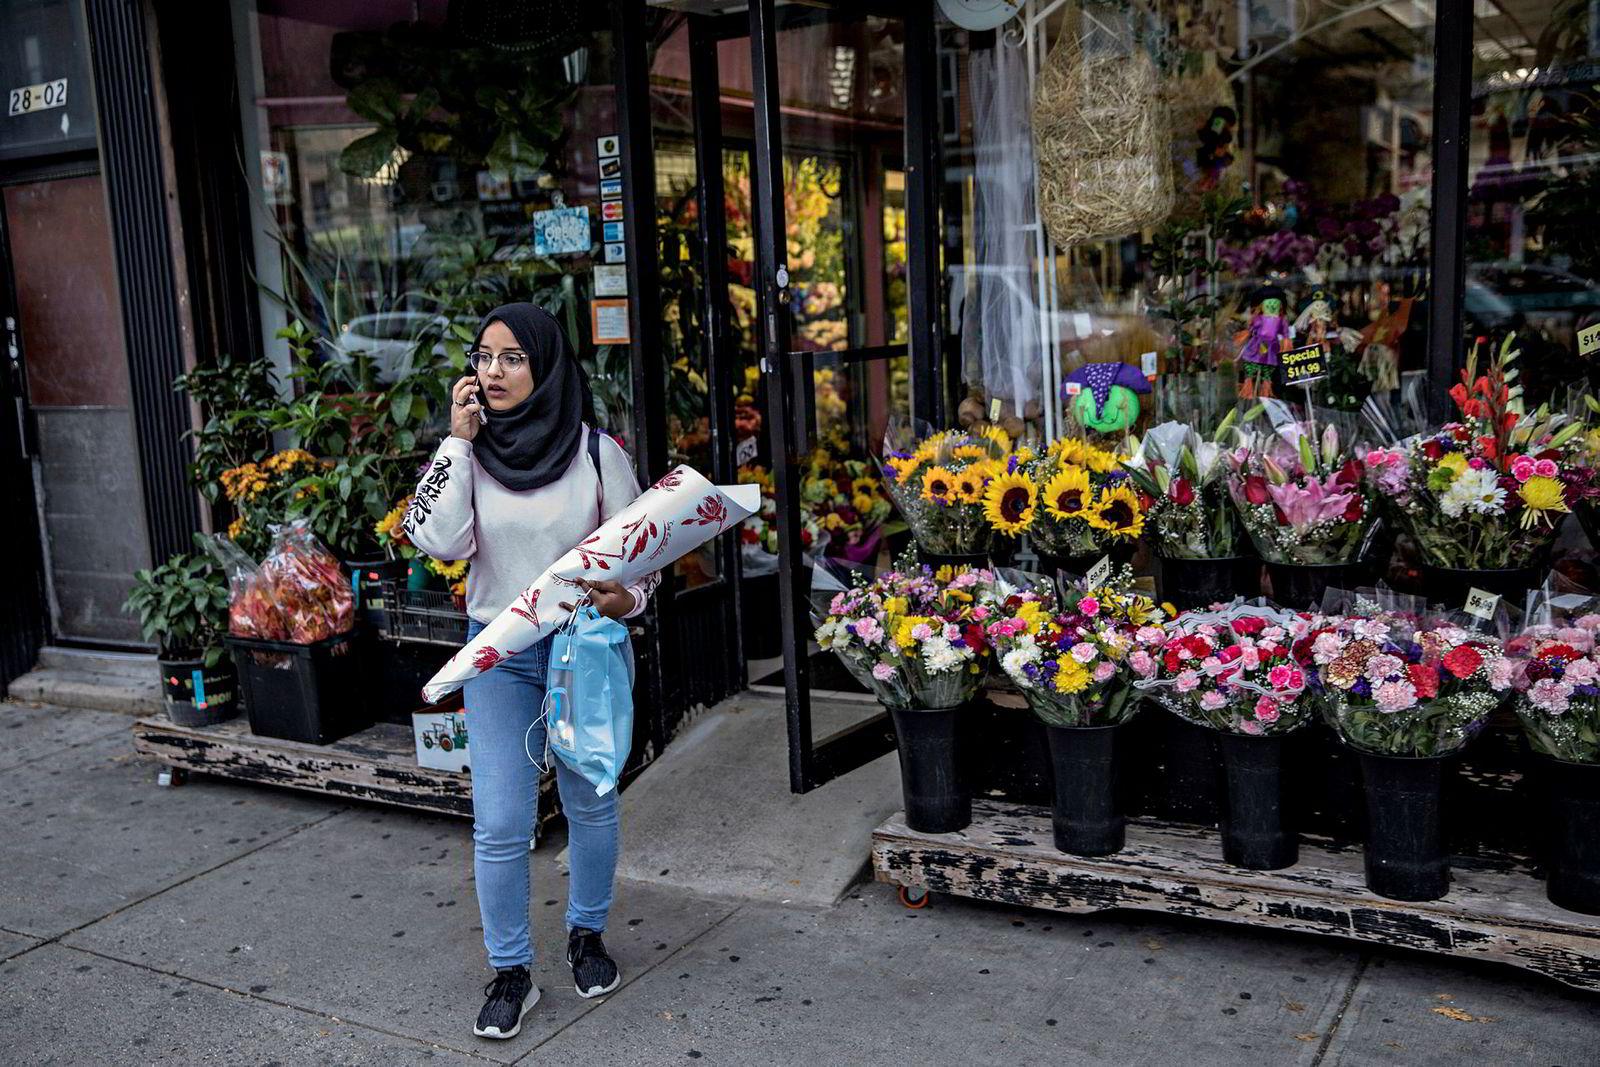 I nabolaget Queens Samia Omar (15) bekymret for at terrorangrepet på Manhattan skal resultere i mer hatkriminalitet mot muslimer. – Nylig ble jeg skjelt ut av en ukjent kvinne på gaten. Hun ba meg reise ut av landet, sier hun.